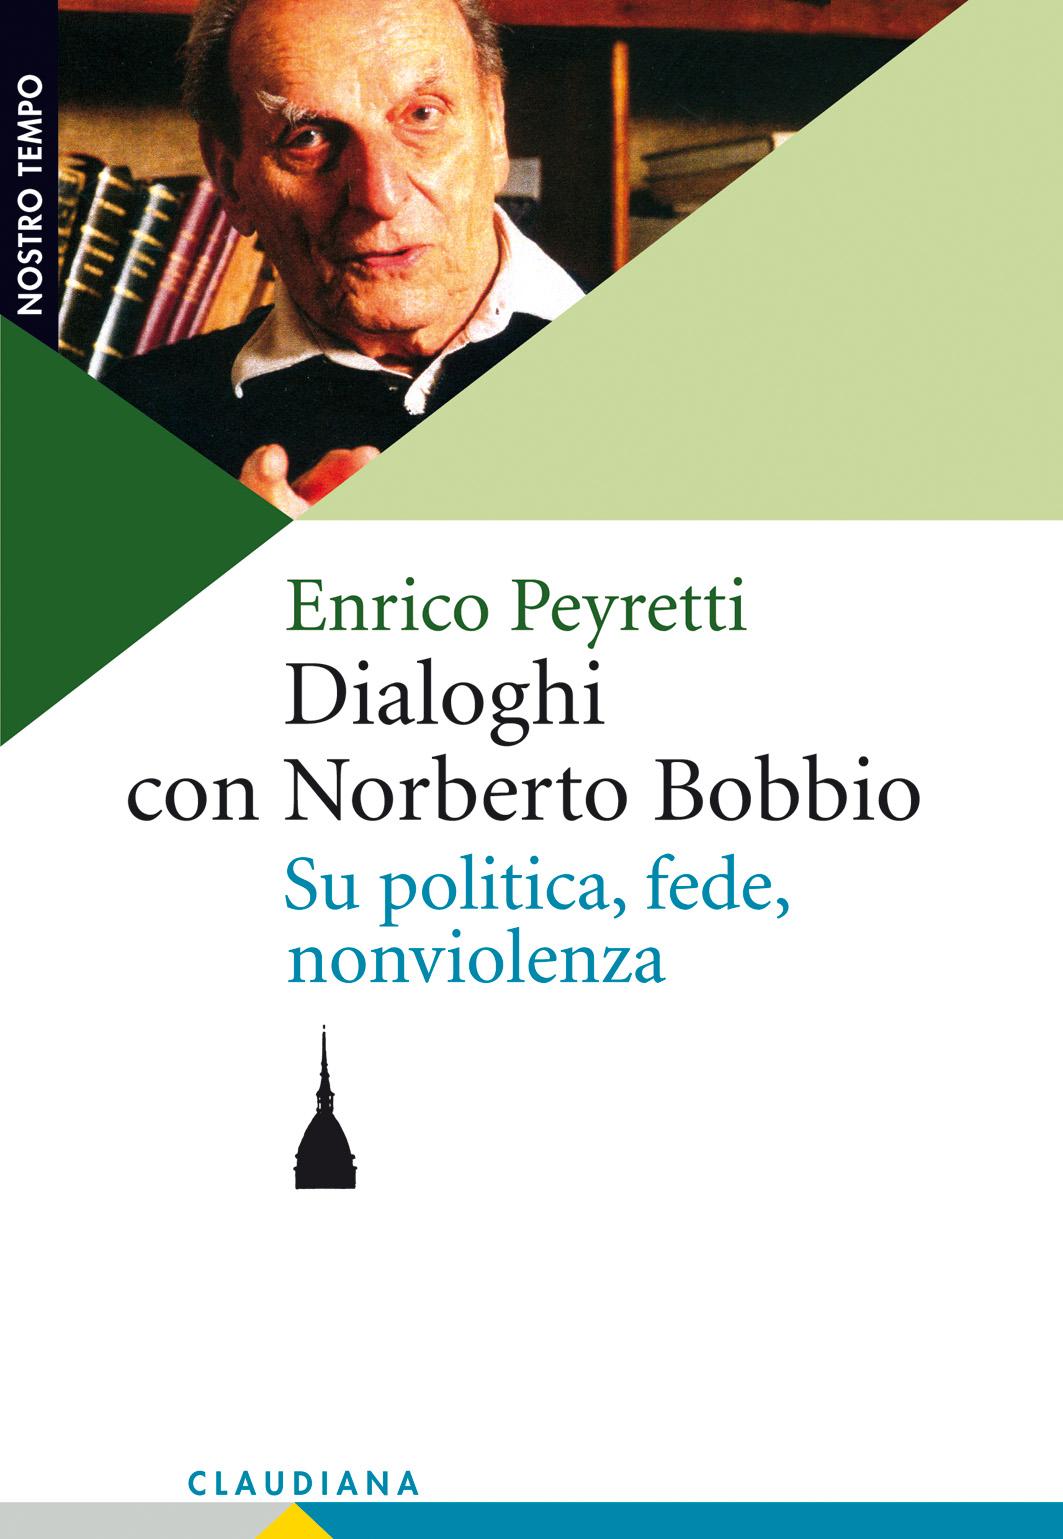 dialoghi-con-norberto-bobbio-579